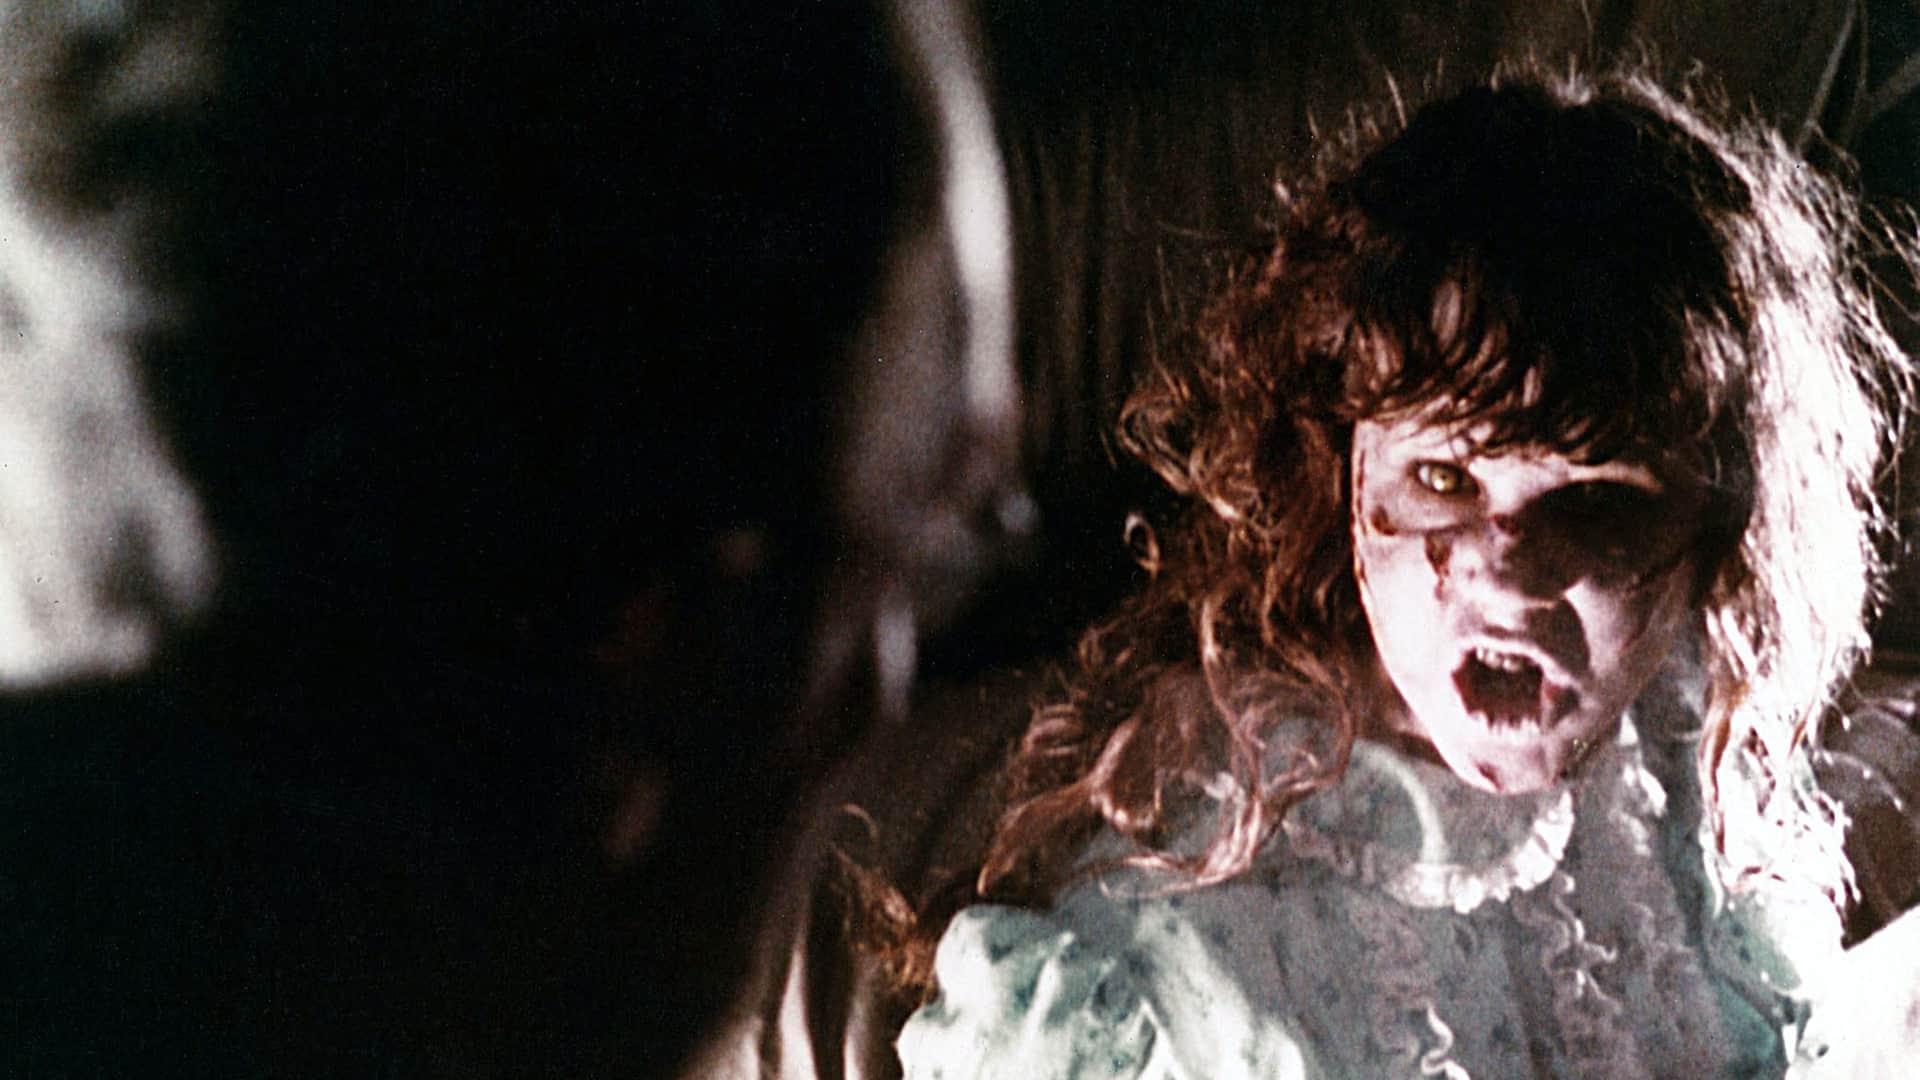 Joe Moe's Top 25* Horror Movies